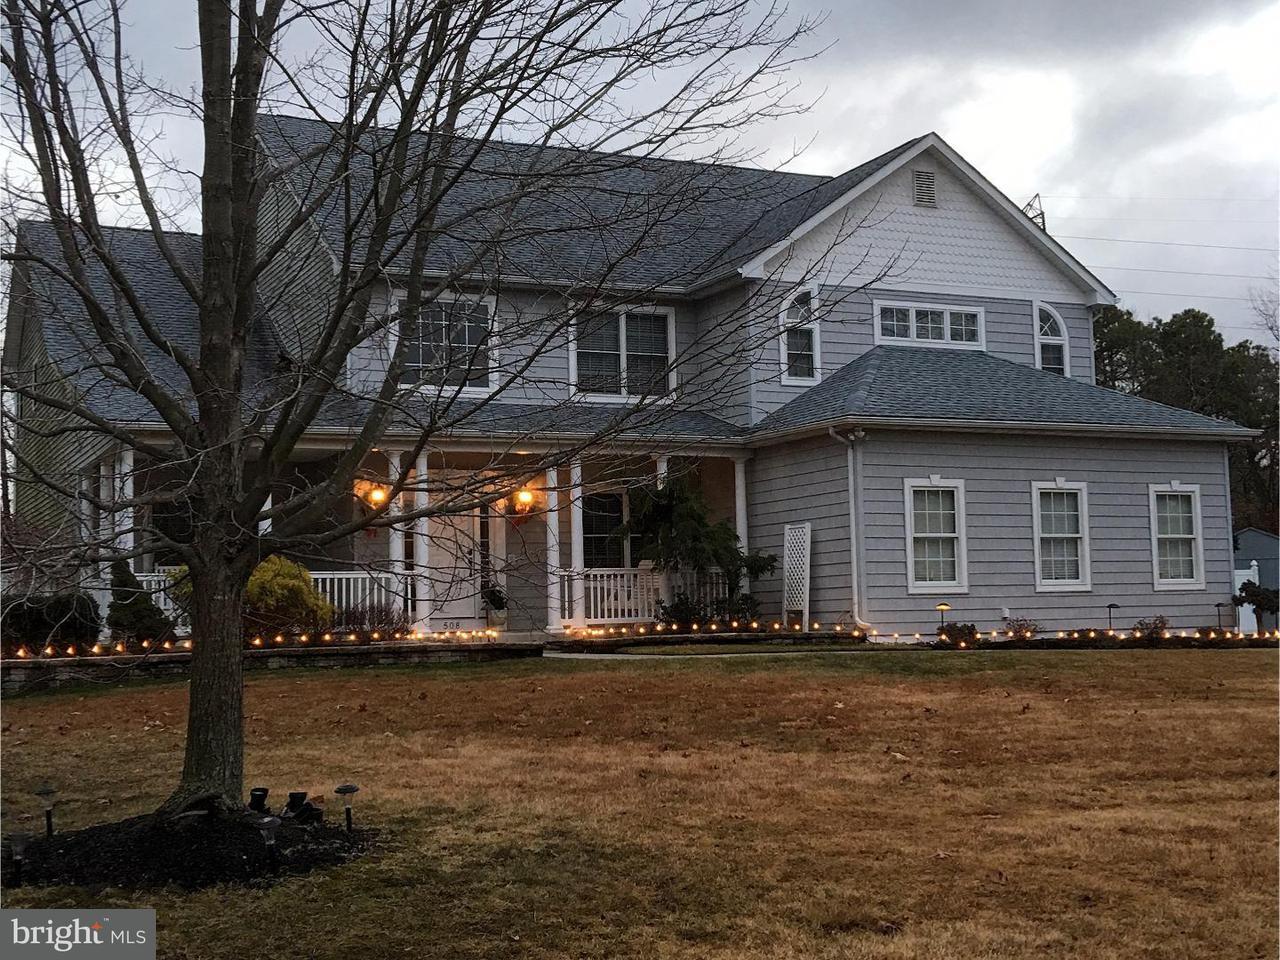 Частный односемейный дом для того Продажа на 508 CAPE ISLAND Court Egg Harbor Township, Нью-Джерси 08234 Соединенные Штаты